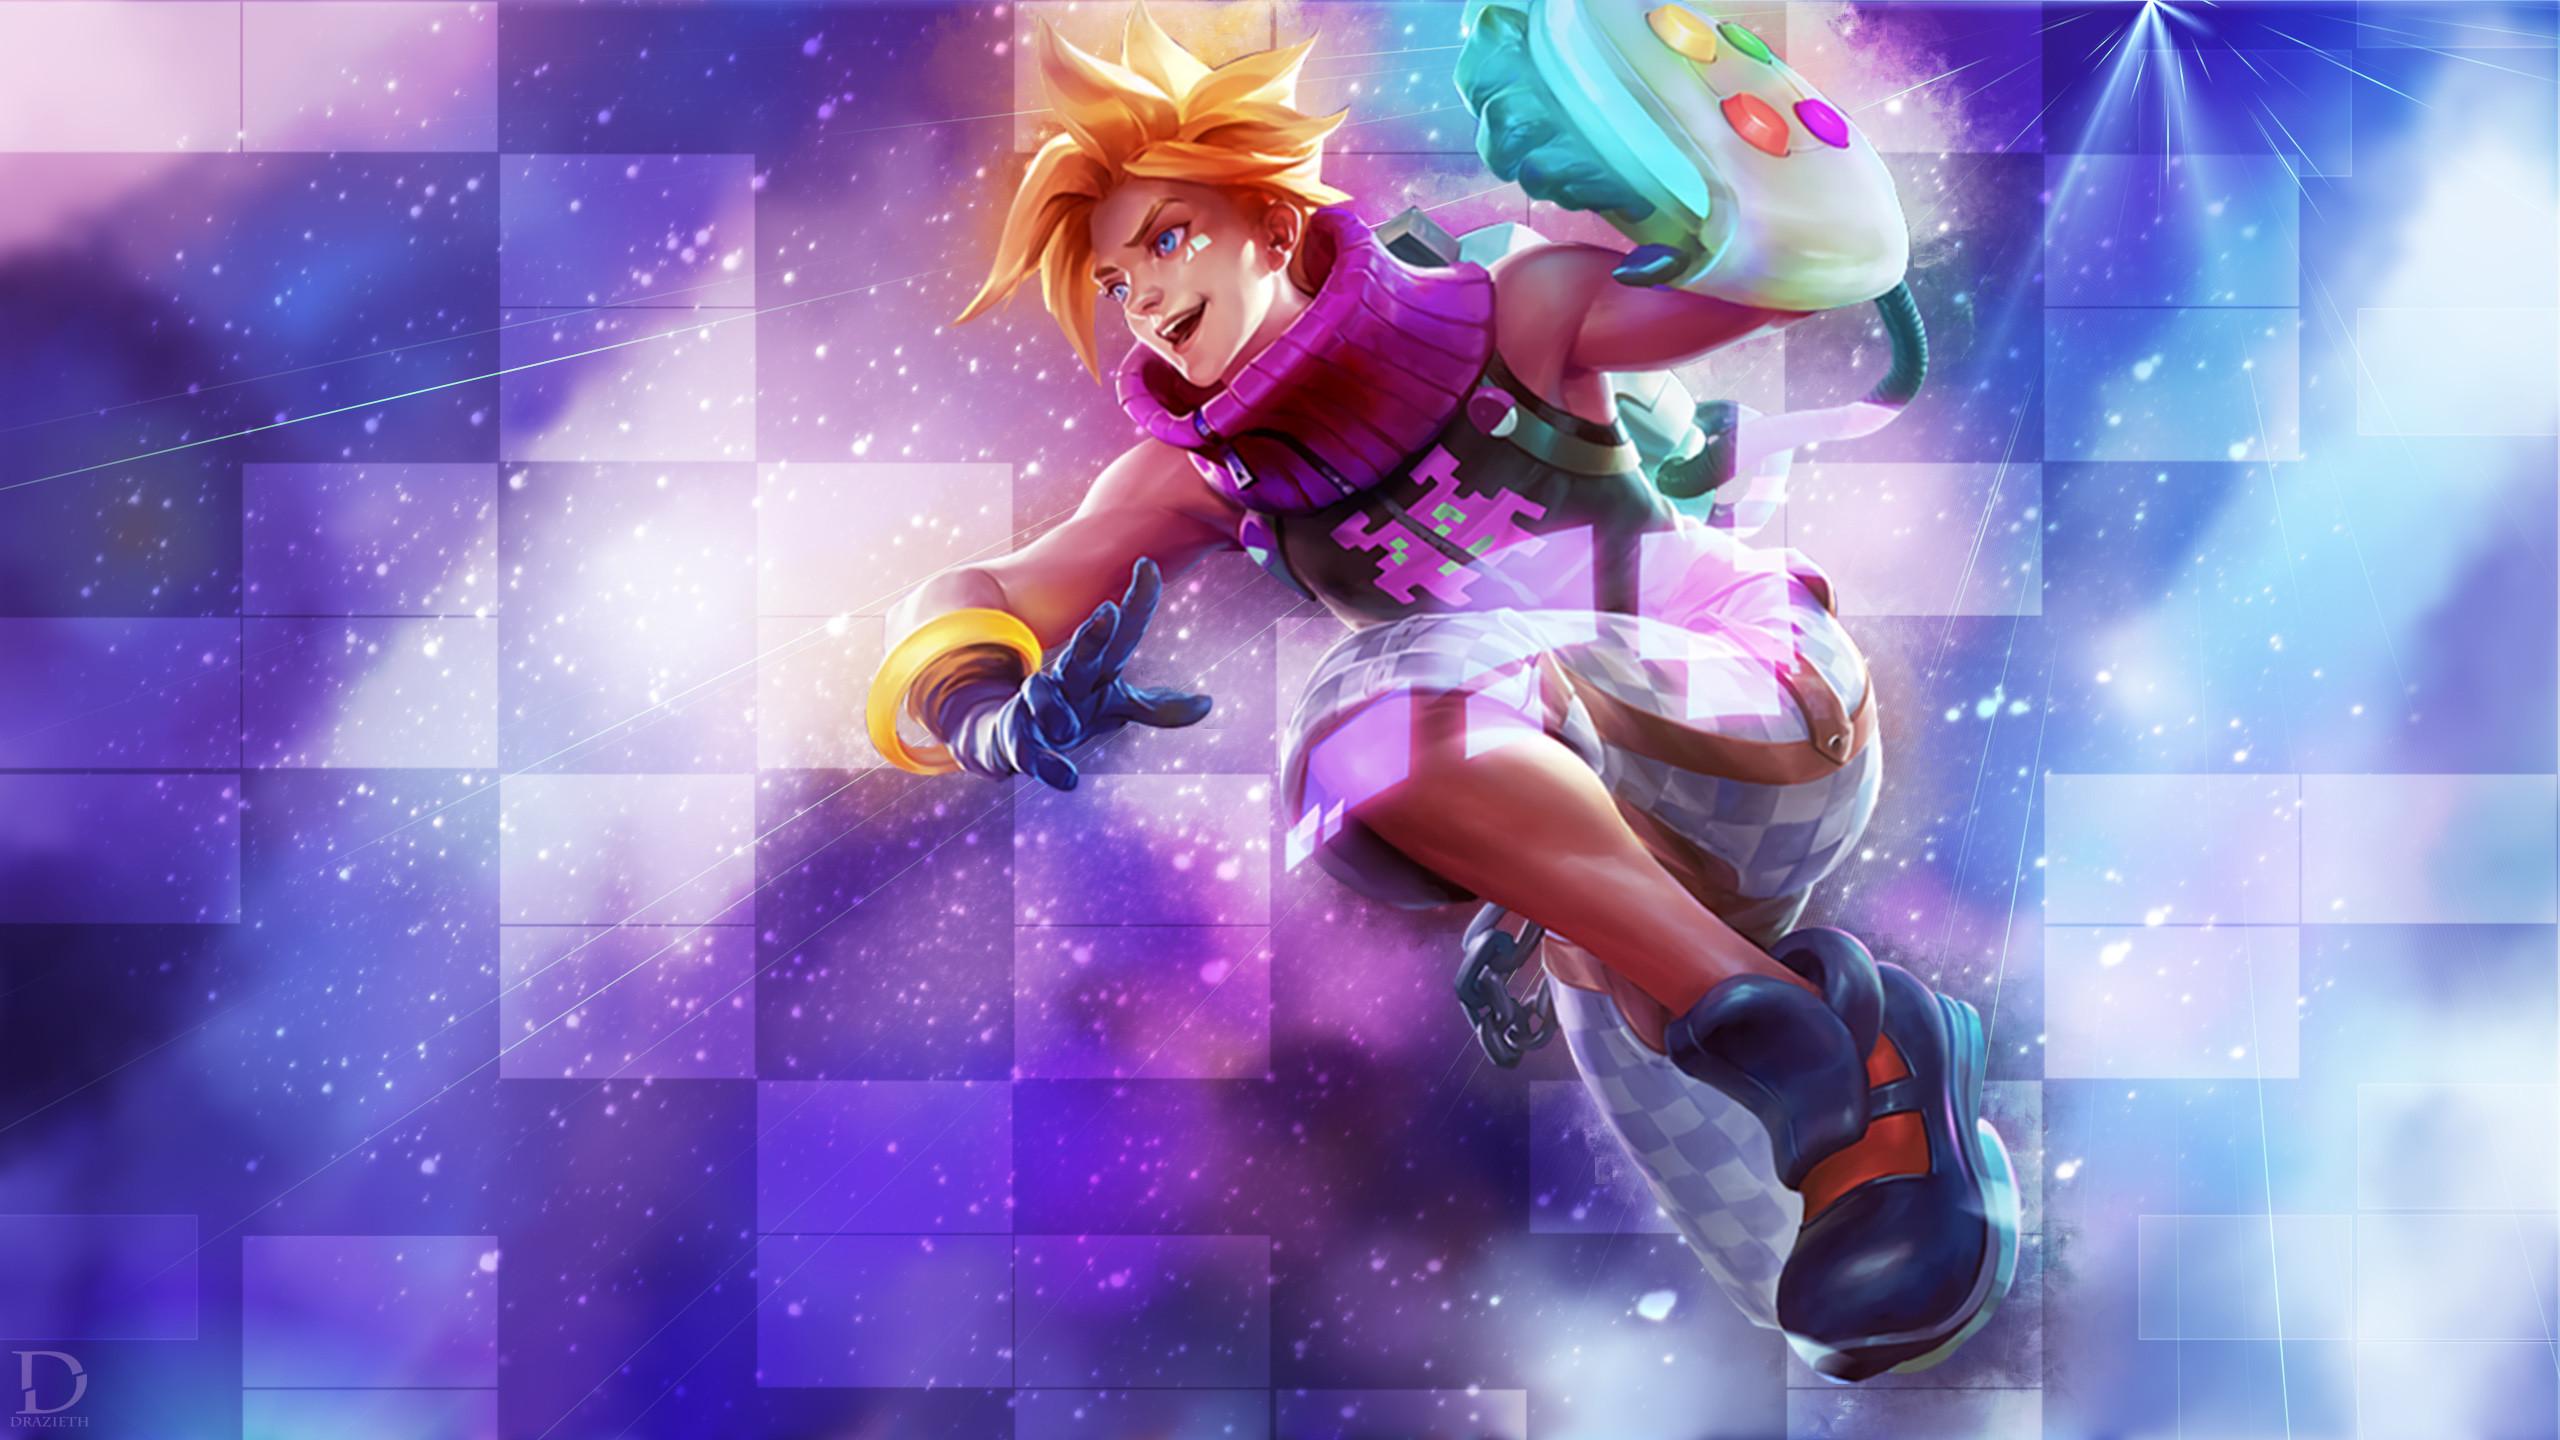 Arcade Ezreal by Drazieth HD Wallpaper Fan Art Artwork League of Legends lol